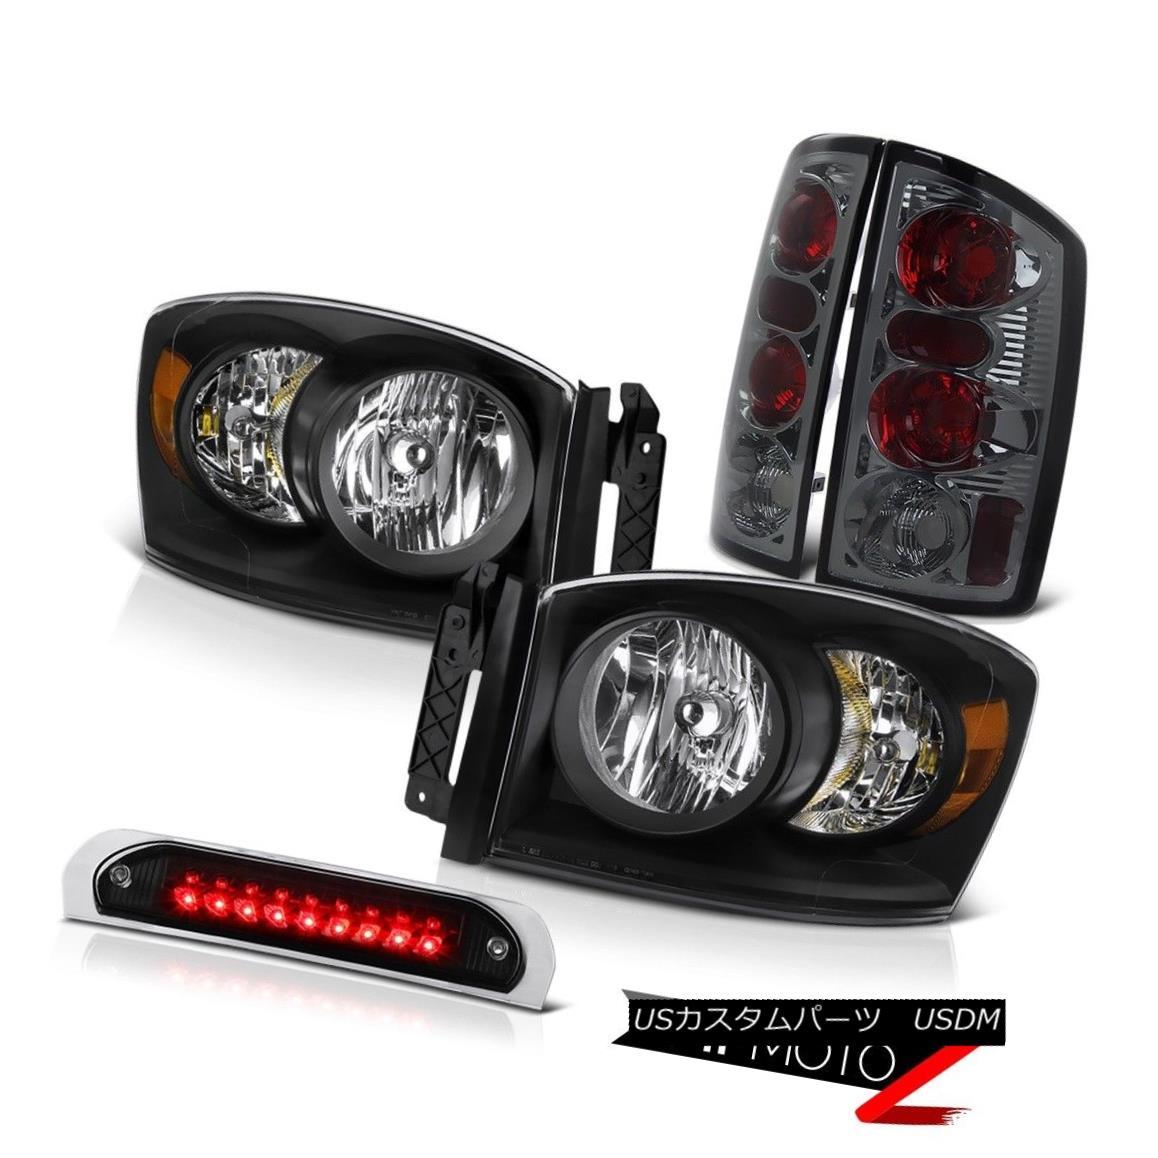 テールライト Satin Black Headlamps Rear Tail Lights Assembly Roof Stop LED Bulb 2006 Ram 3500 サテンブラックヘッドランプリアテールライトアセンブリルーフストップLEDバルブ2006 Ram 3500